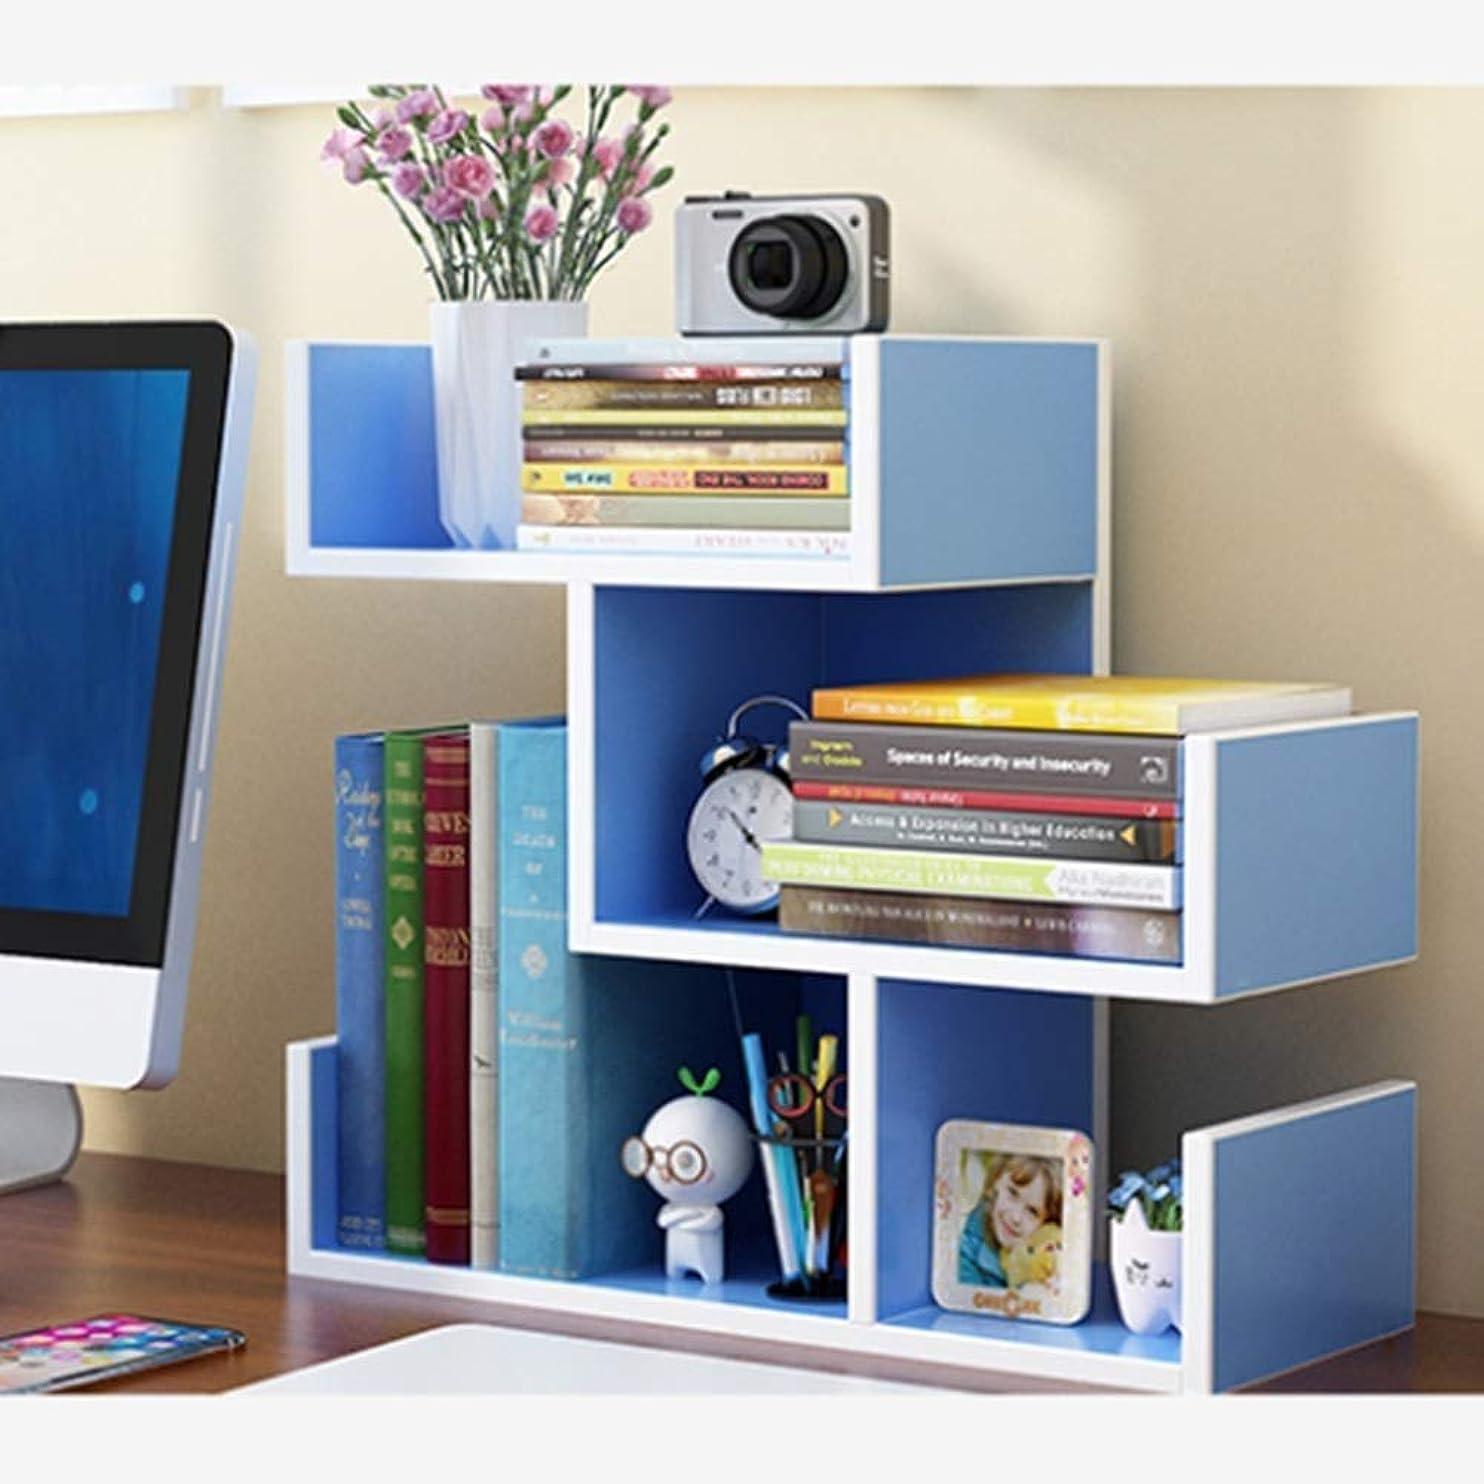 連続した満了レンダーJJL デスクトップオーガナイザーオフィス収納ラック調節可能な木製ディスプレイ棚 - フリースタイルディスプレイ - トゥルーナチュラルスタンド棚 - ウッドトーン (Color : B)